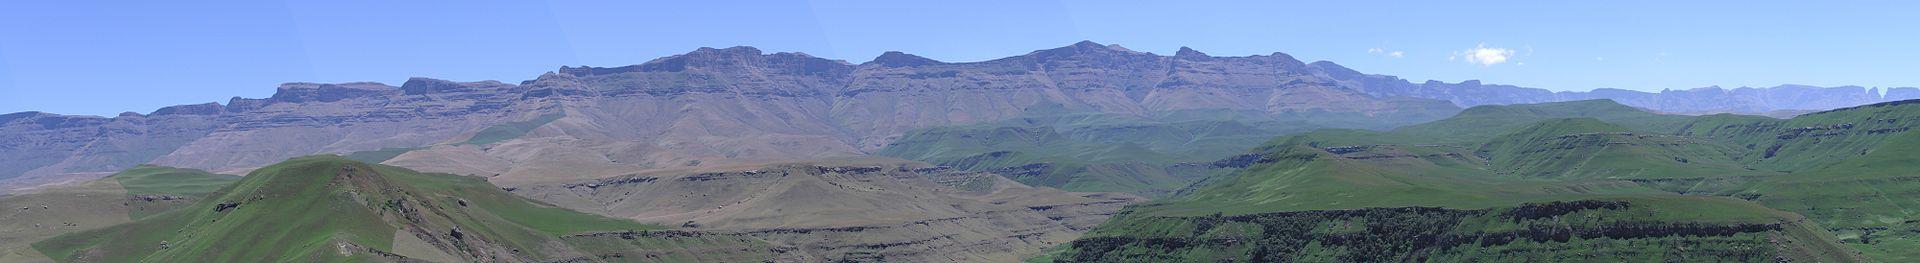 drakensberg, monti dei draghi, sudafrica